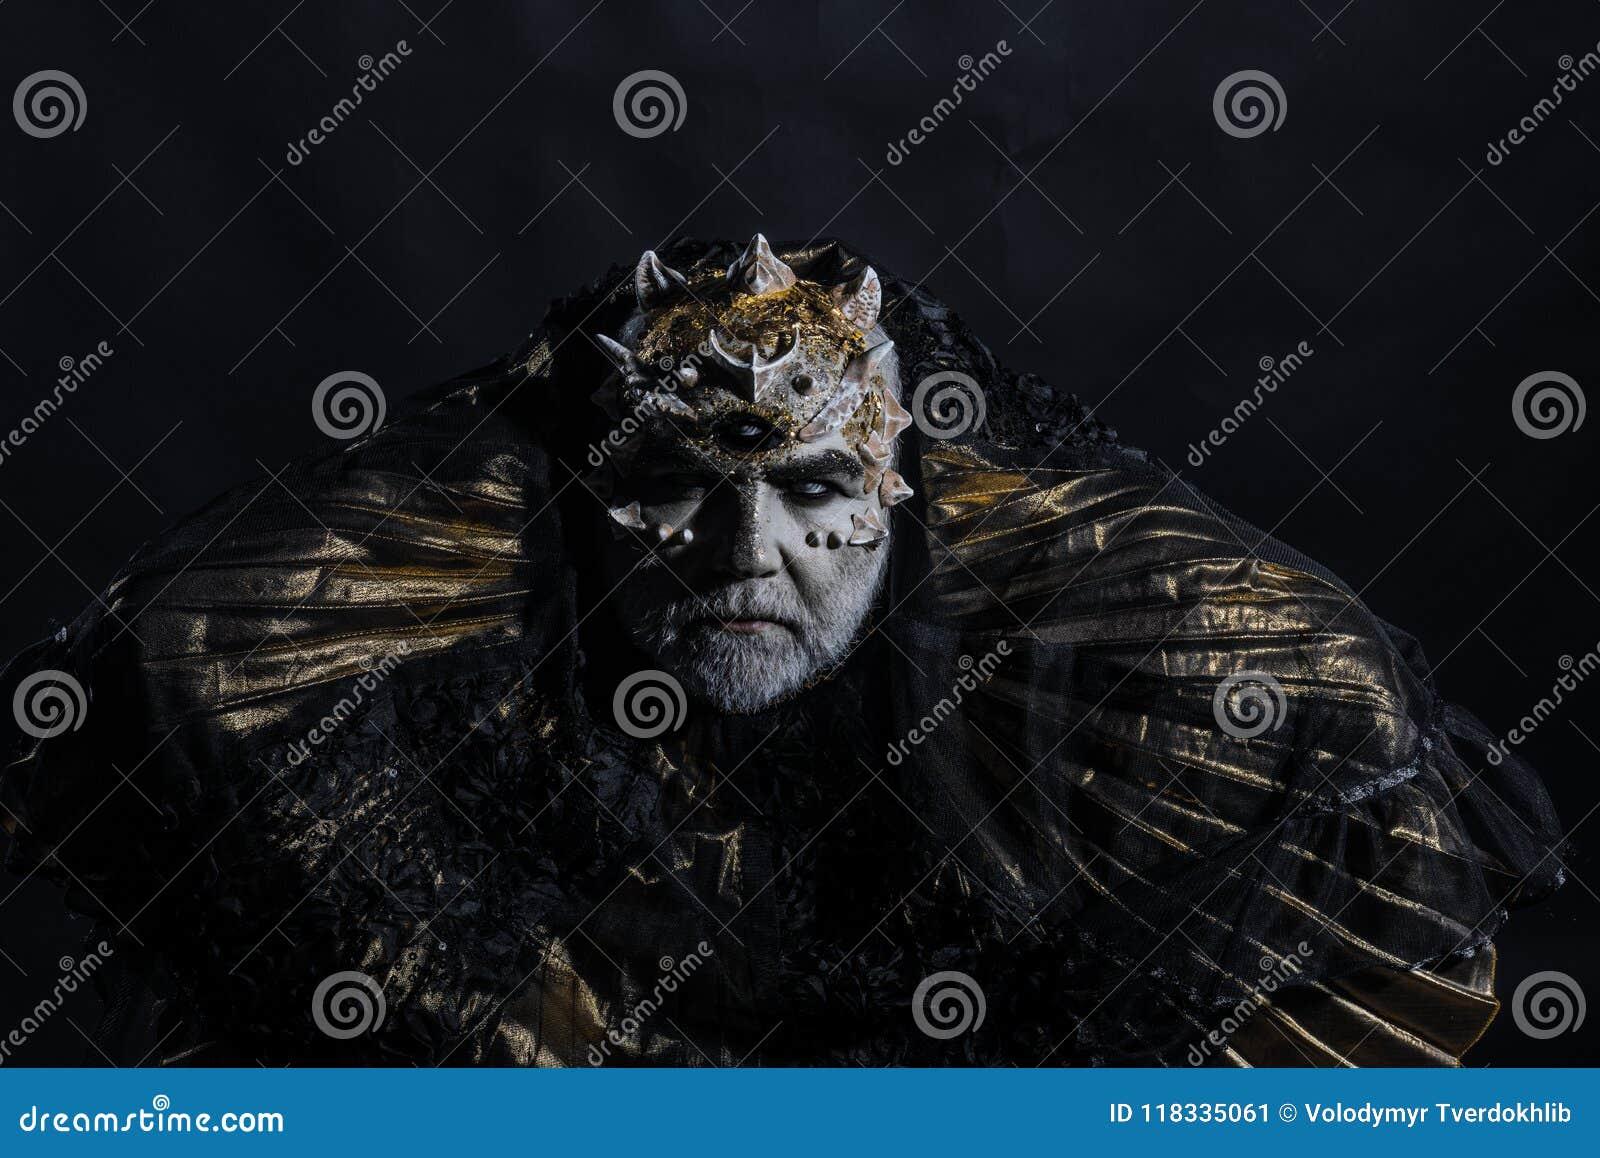 Alter König der Märchenwelt sitzend auf Thron, Fantasiekonzept Alte bärtige Blinderdornen auf seinem Kopf lokalisiert